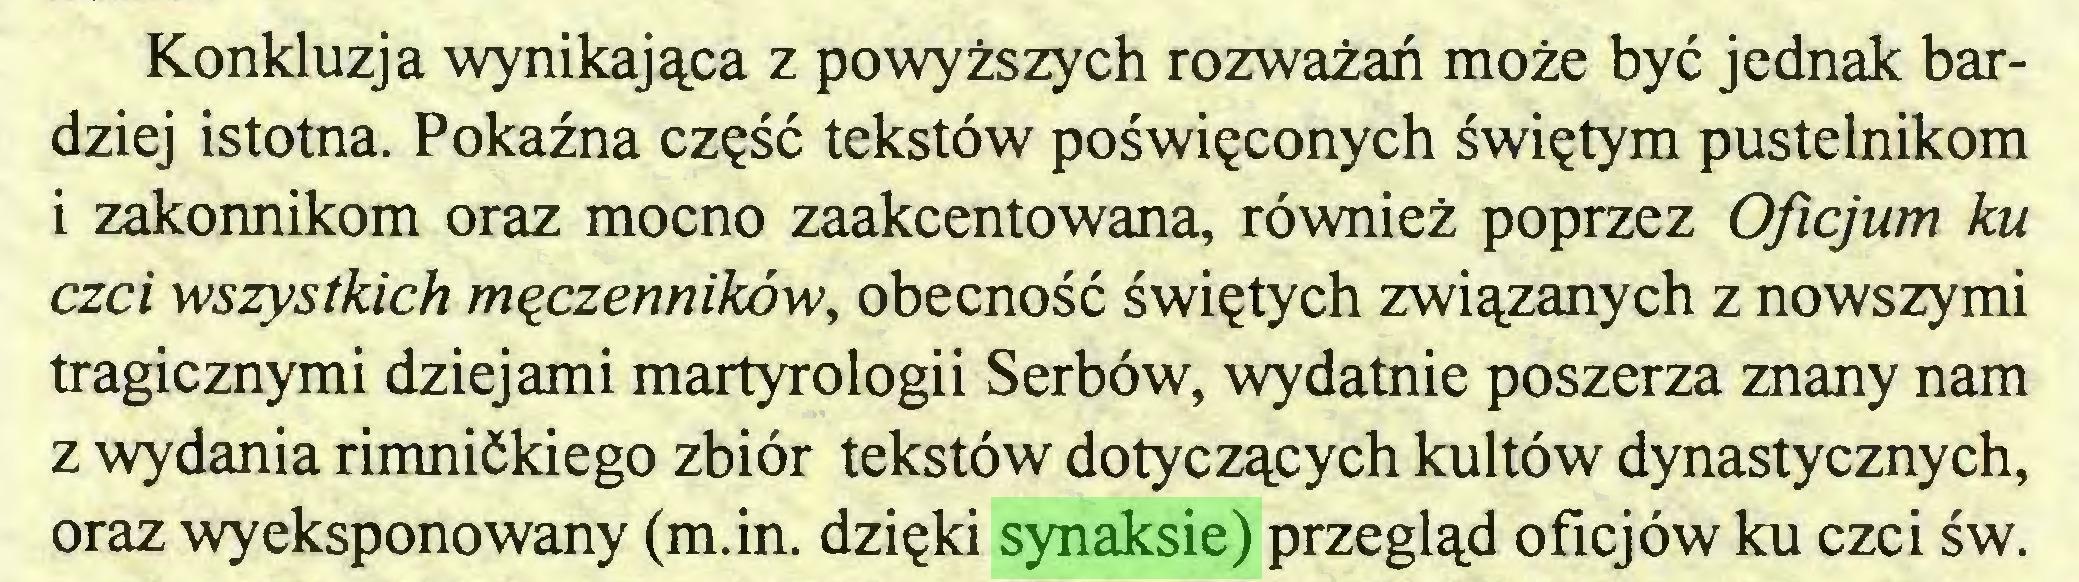 (...) Konkluzja wynikająca z powyższych rozważań może być jednak bardziej istotna. Pokaźna część tekstów poświęconych świętym pustelnikom i zakonnikom oraz mocno zaakcentowana, również poprzez Oflcjum ku czci wszystkich męczenników, obecność świętych związanych z nowszymi tragicznymi dziejami martyrologii Serbów, wydatnie poszerza znany nam z wydania rimnićkiego zbiór tekstów dotyczących kultów dynastycznych, oraz wyeksponowany (m.in. dzięki synaksie) przegląd oficjów ku czci św...